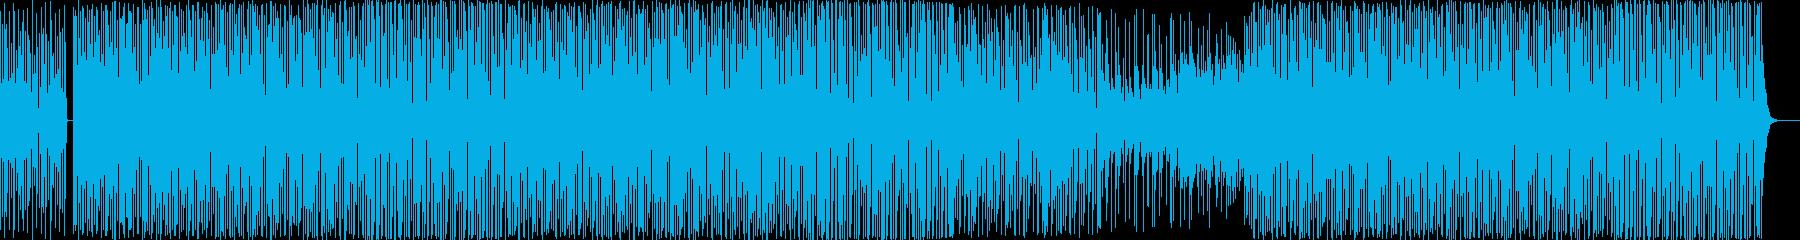 法人 サスペンス アクション 説明...の再生済みの波形